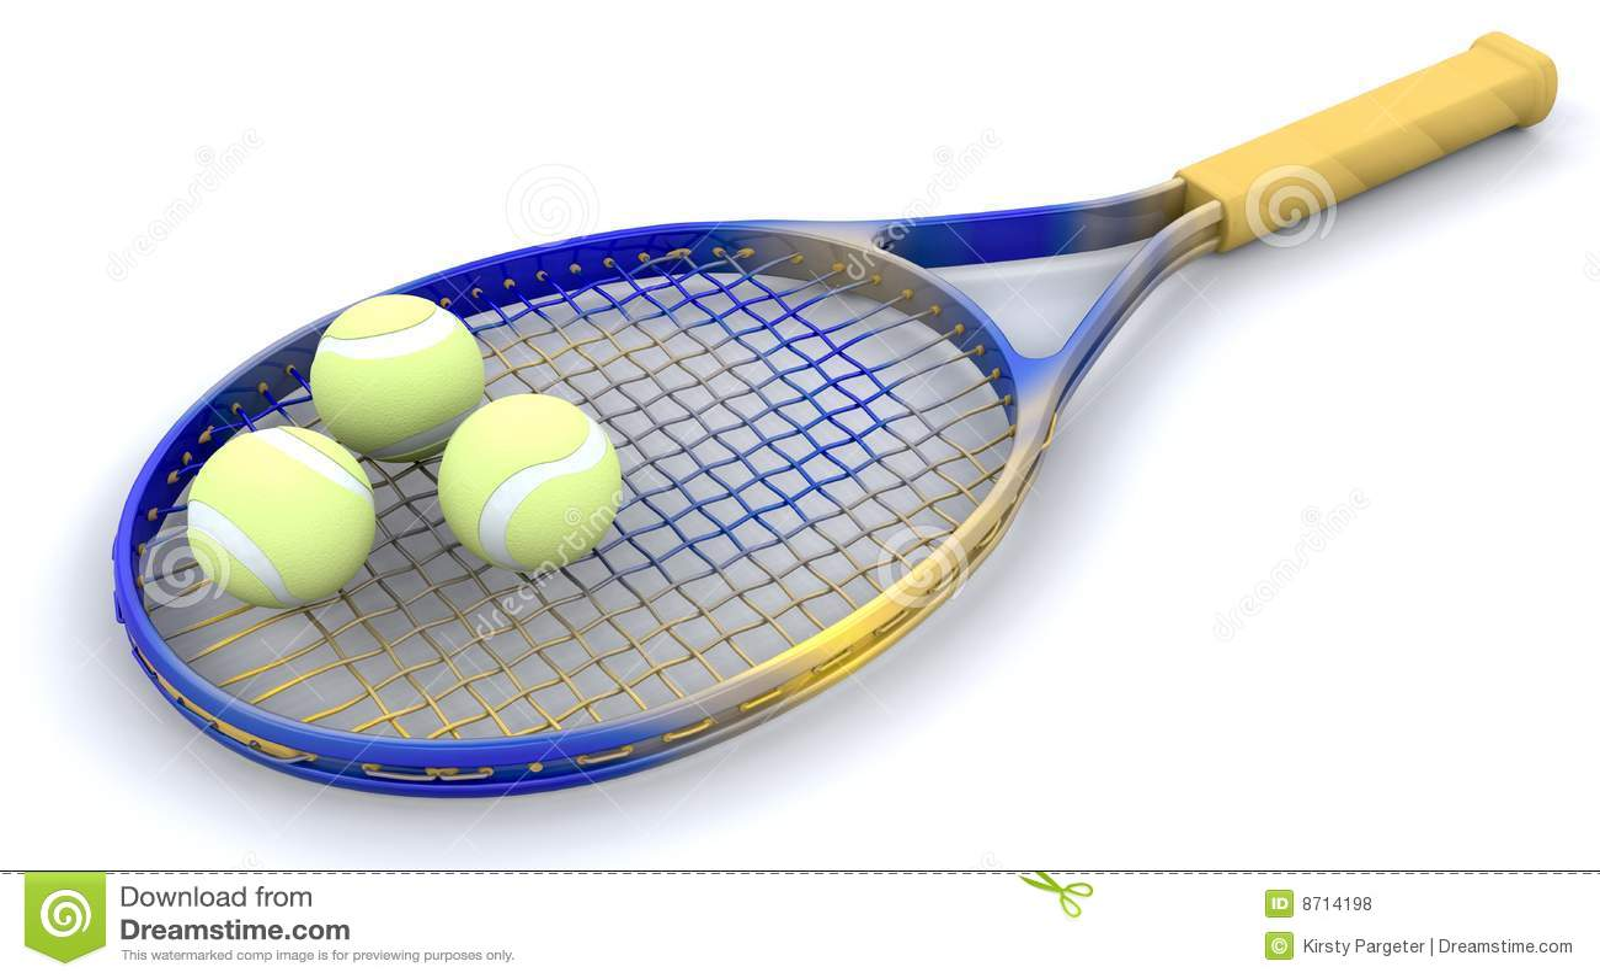 Tenis 3d